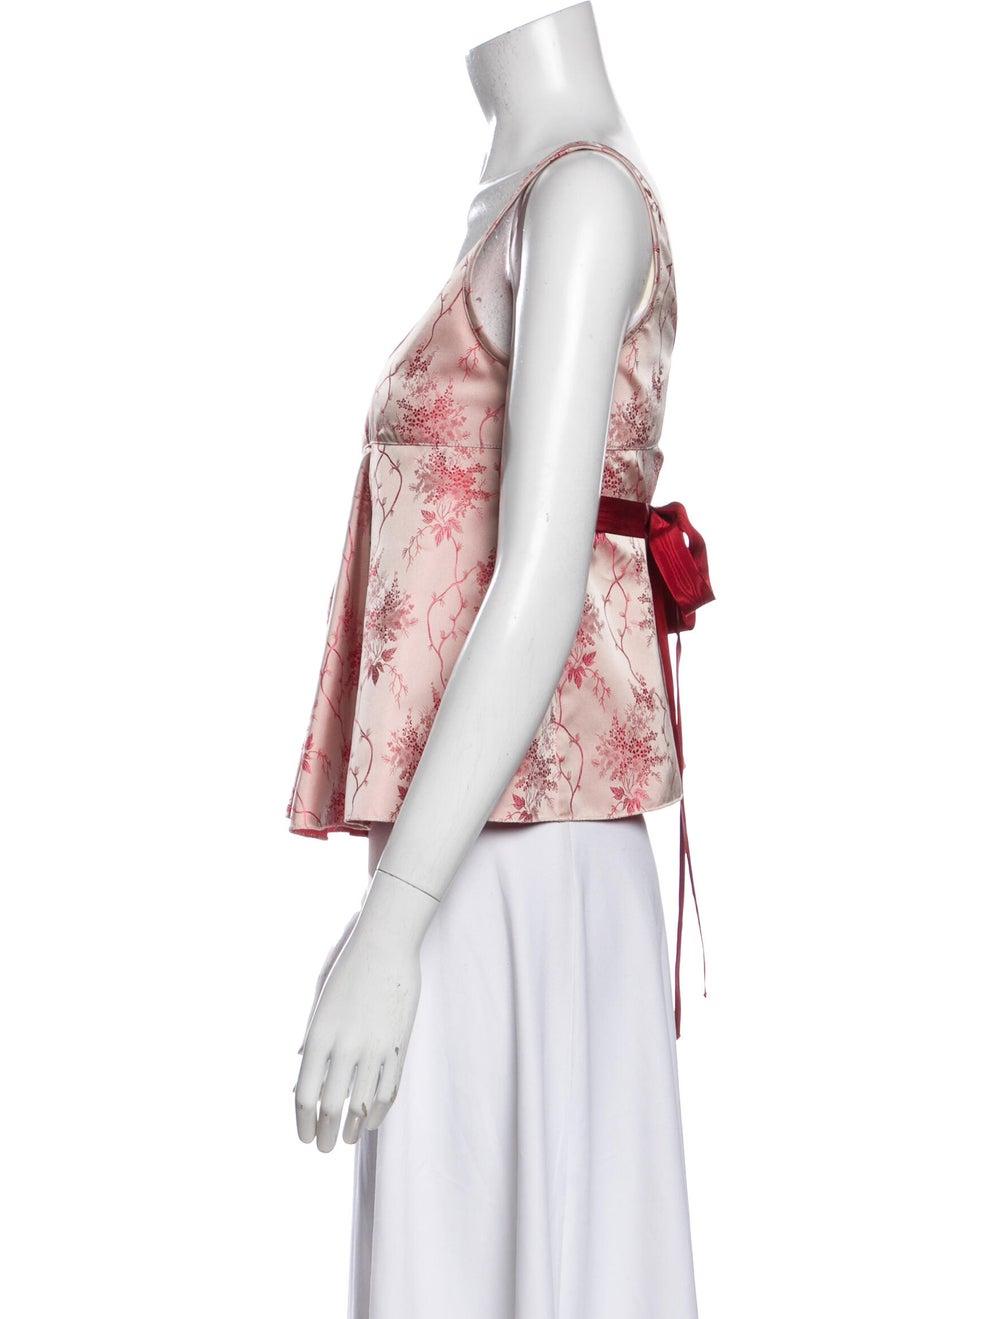 Prada 2002 Qipao Top Pink - image 2